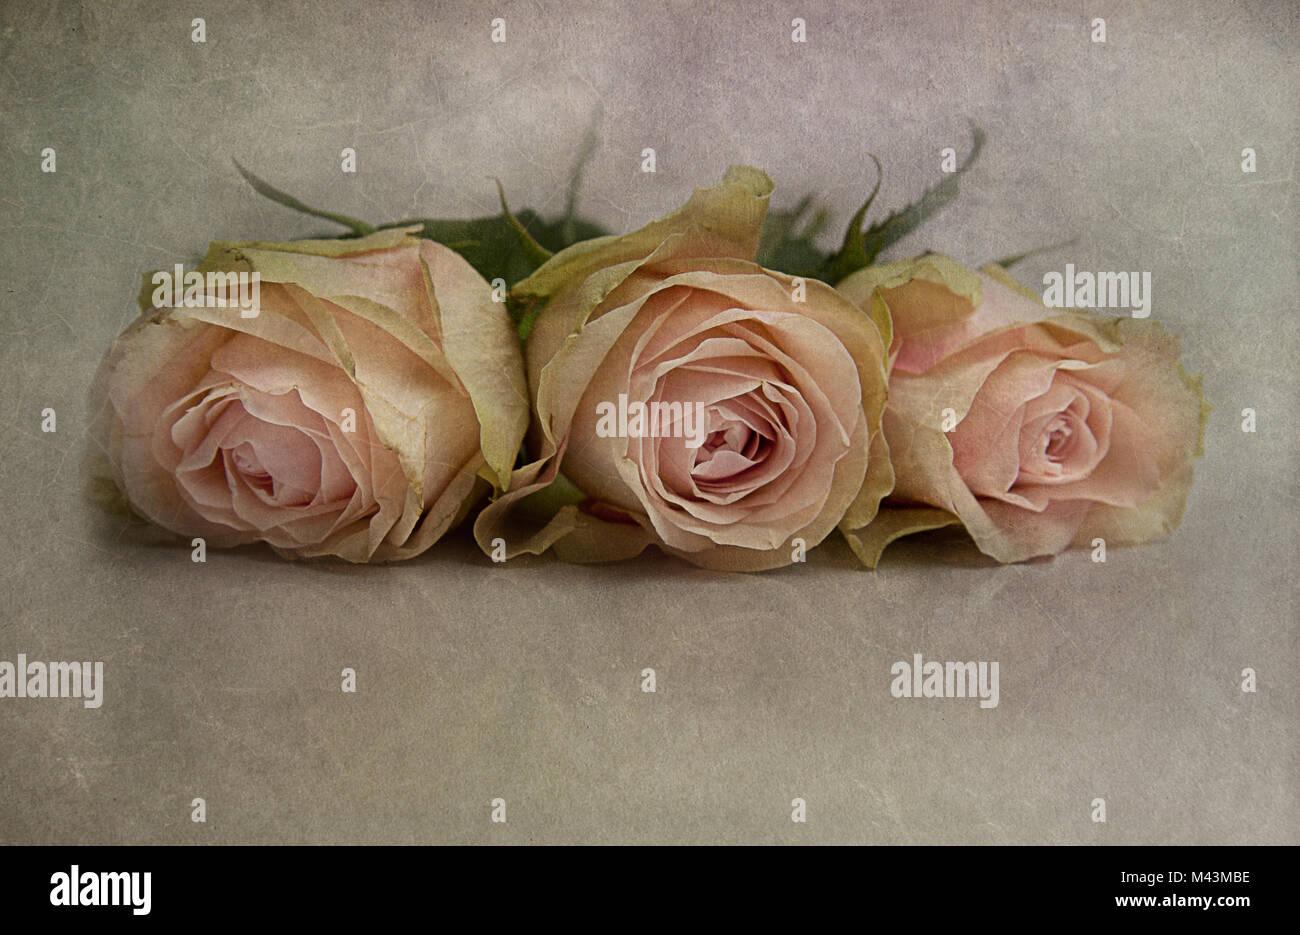 La Vie En Rose Stock Photos & La Vie En Rose Stock Images - Alamy